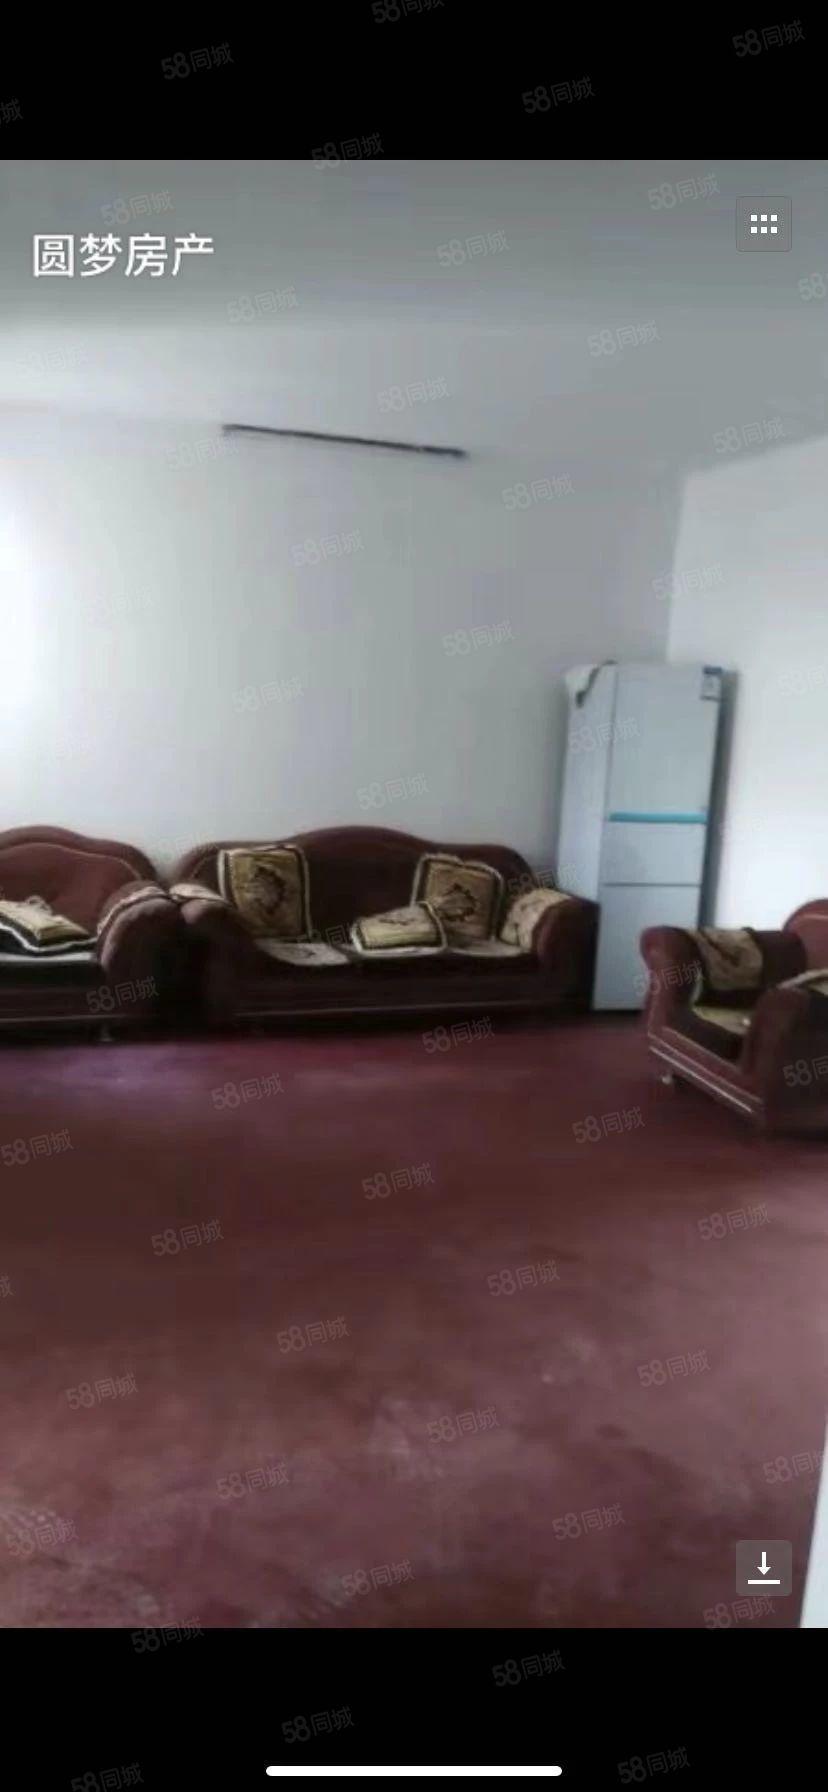 浍水路雅迪电动车楼上精装修未住三室一厅房间干净